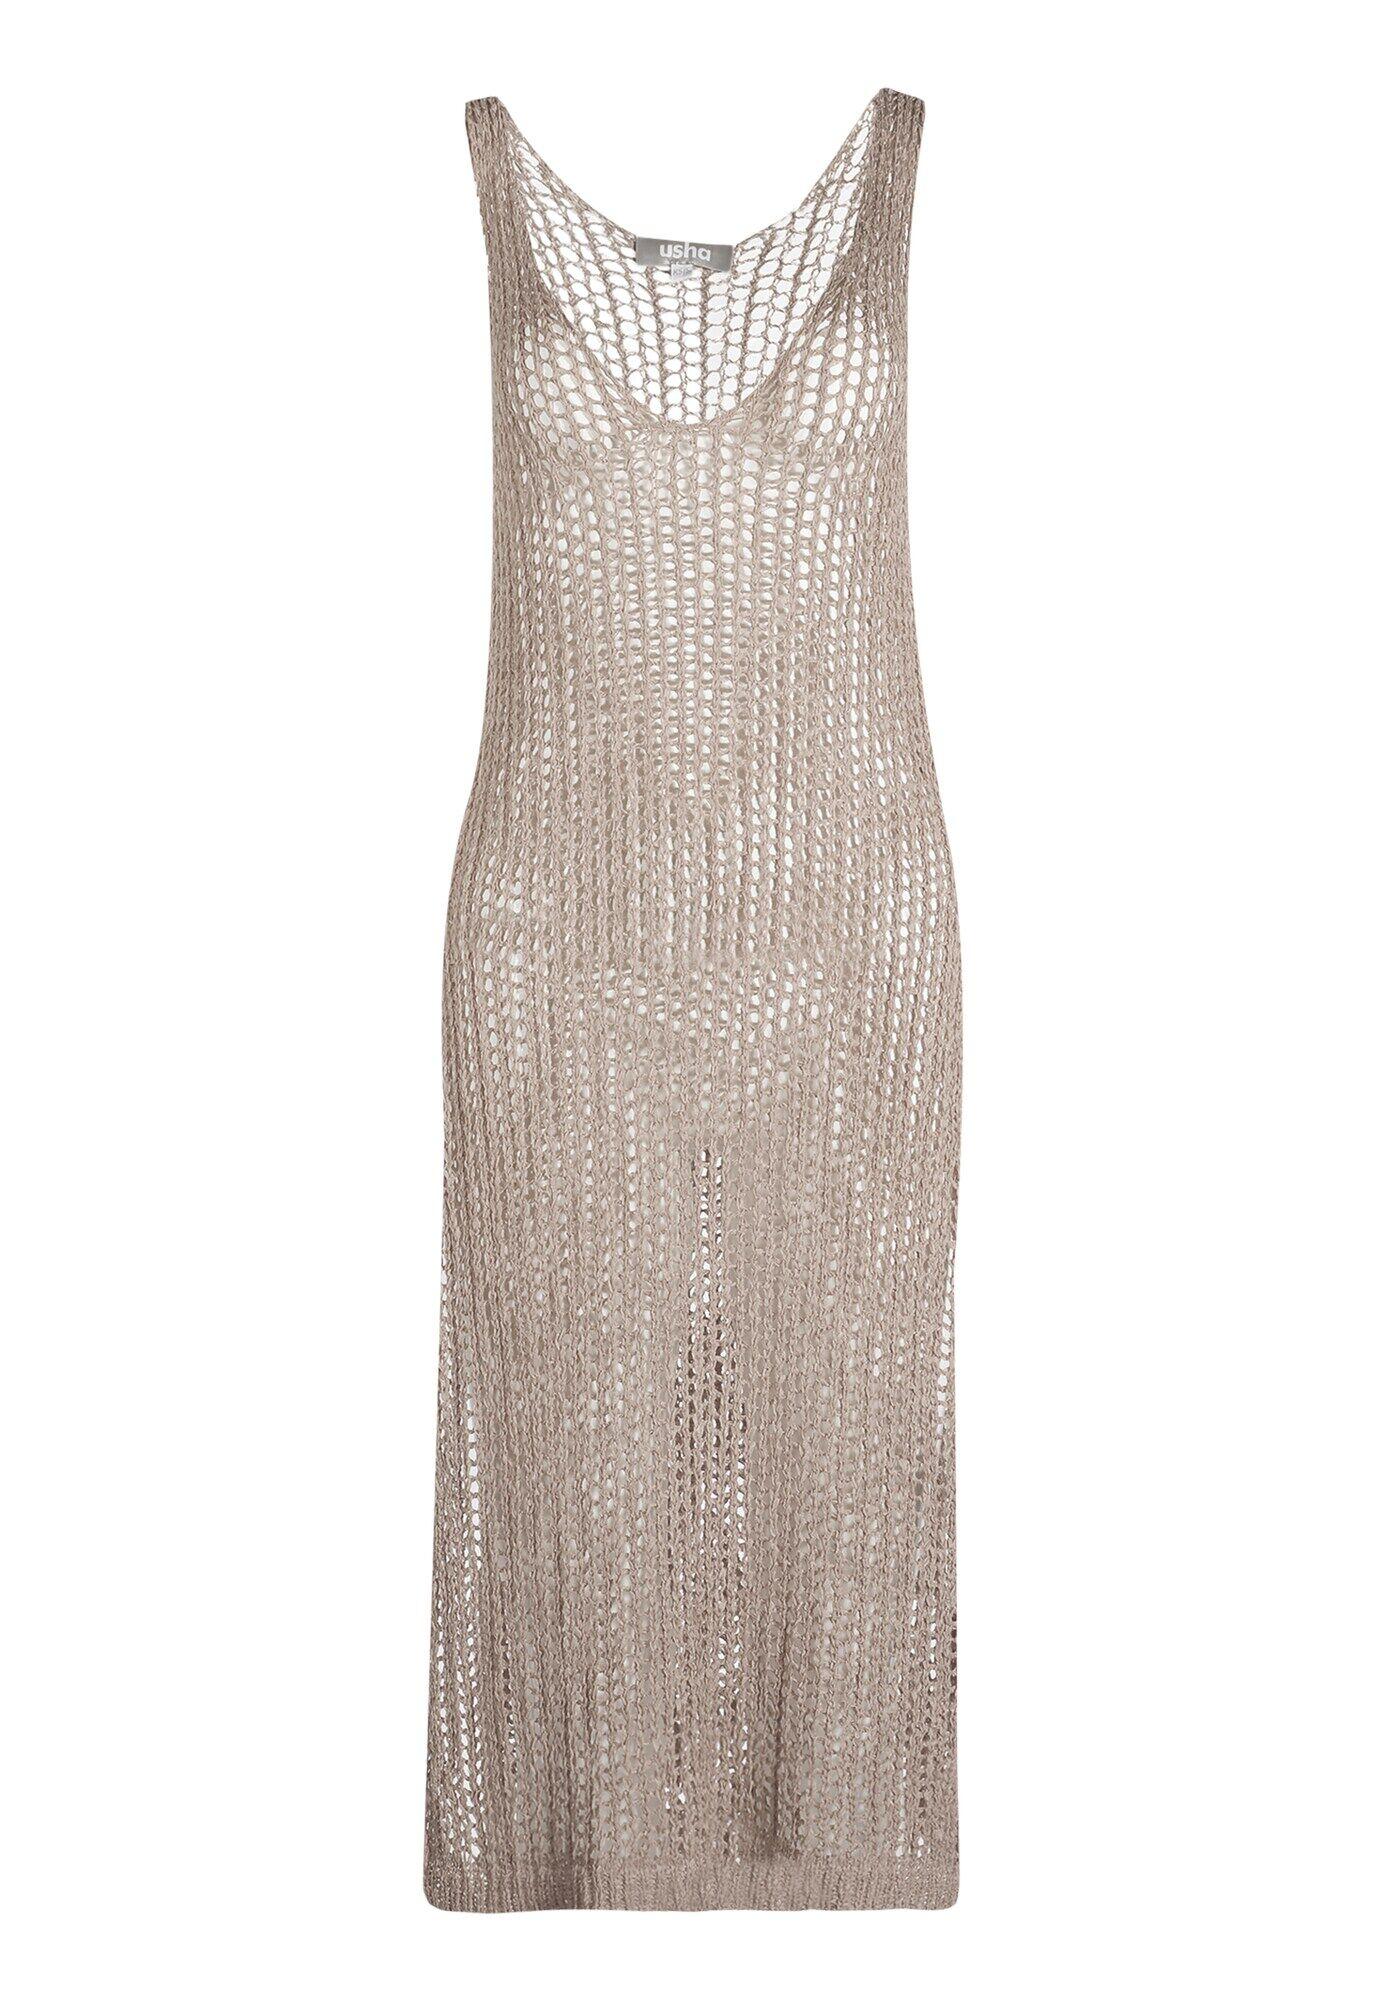 Usha Vêtement de plage  - Gris - Taille: 42-44 - female